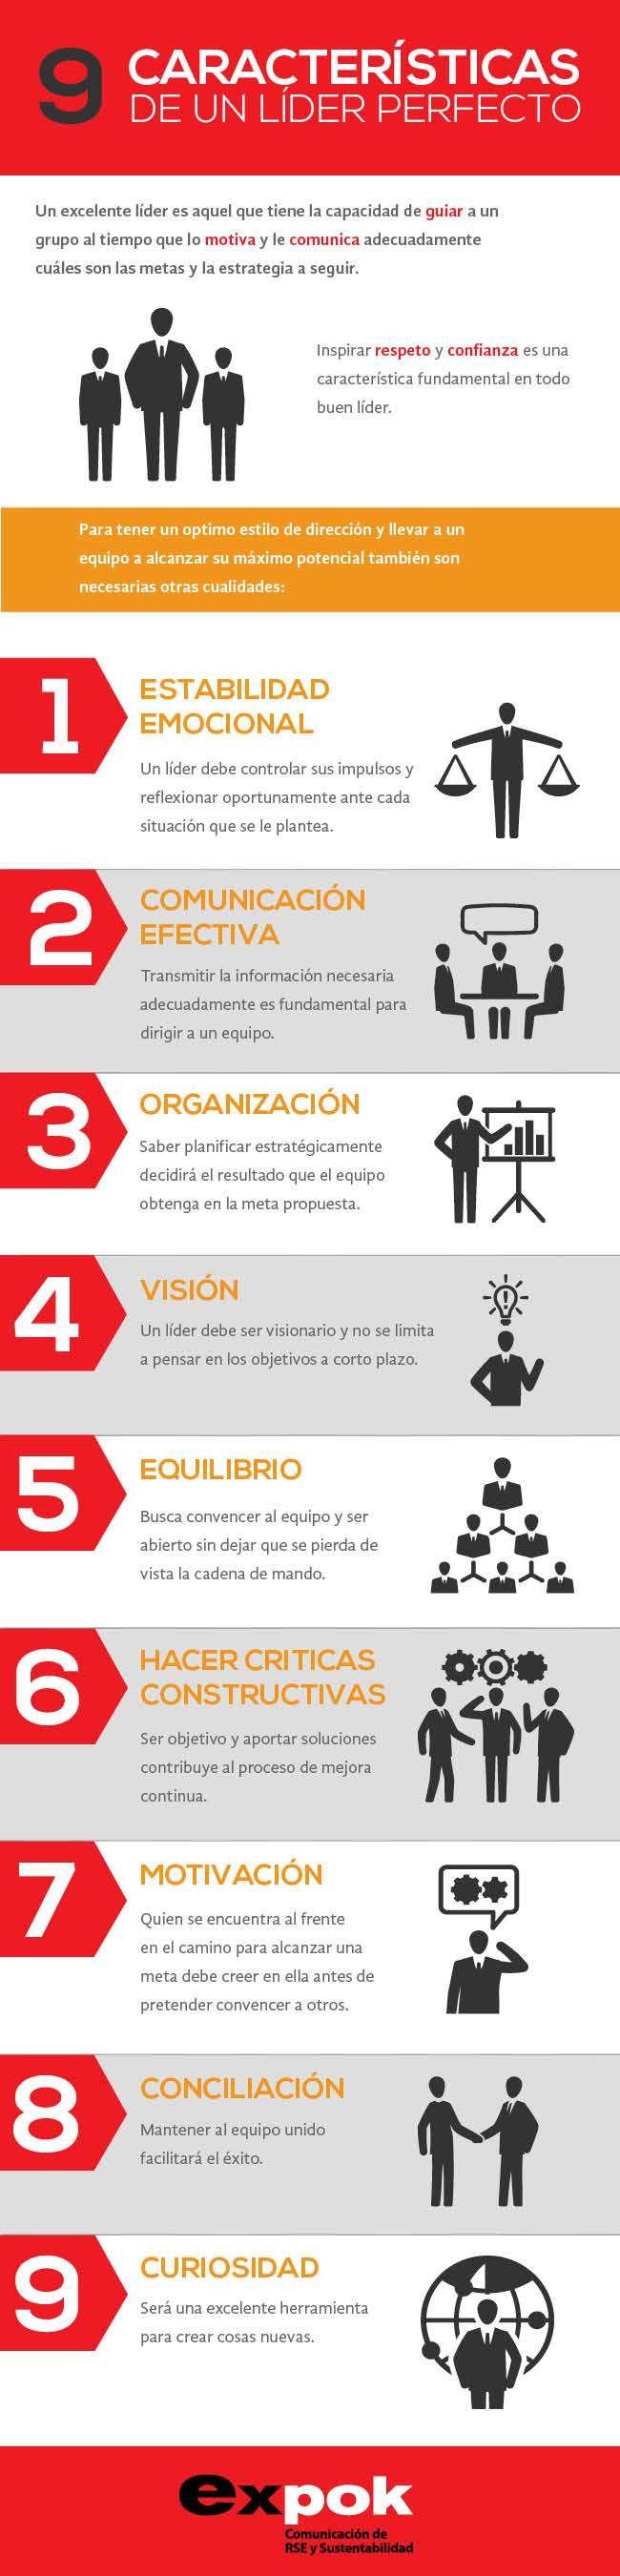 9 características de un líder perfecto